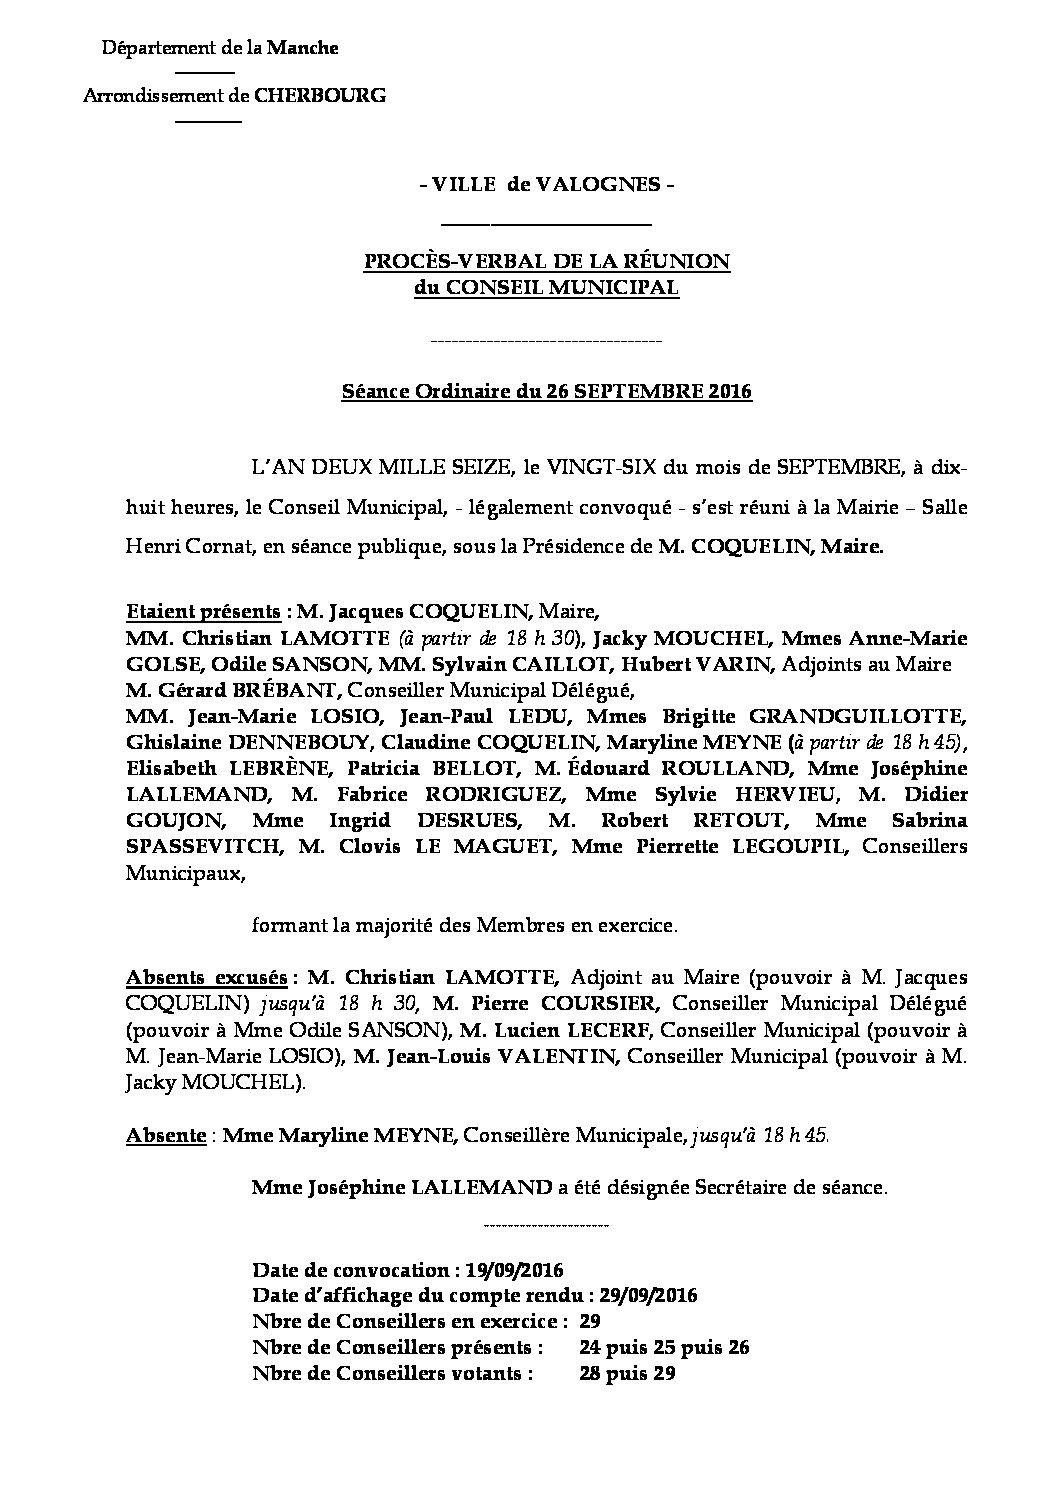 Procès-verbal du 26-09-2016 - Procès-verbal de la réunion du Conseil Municipal du 26 septembre 2016, approuvé lors de la séance du 22 décembre.